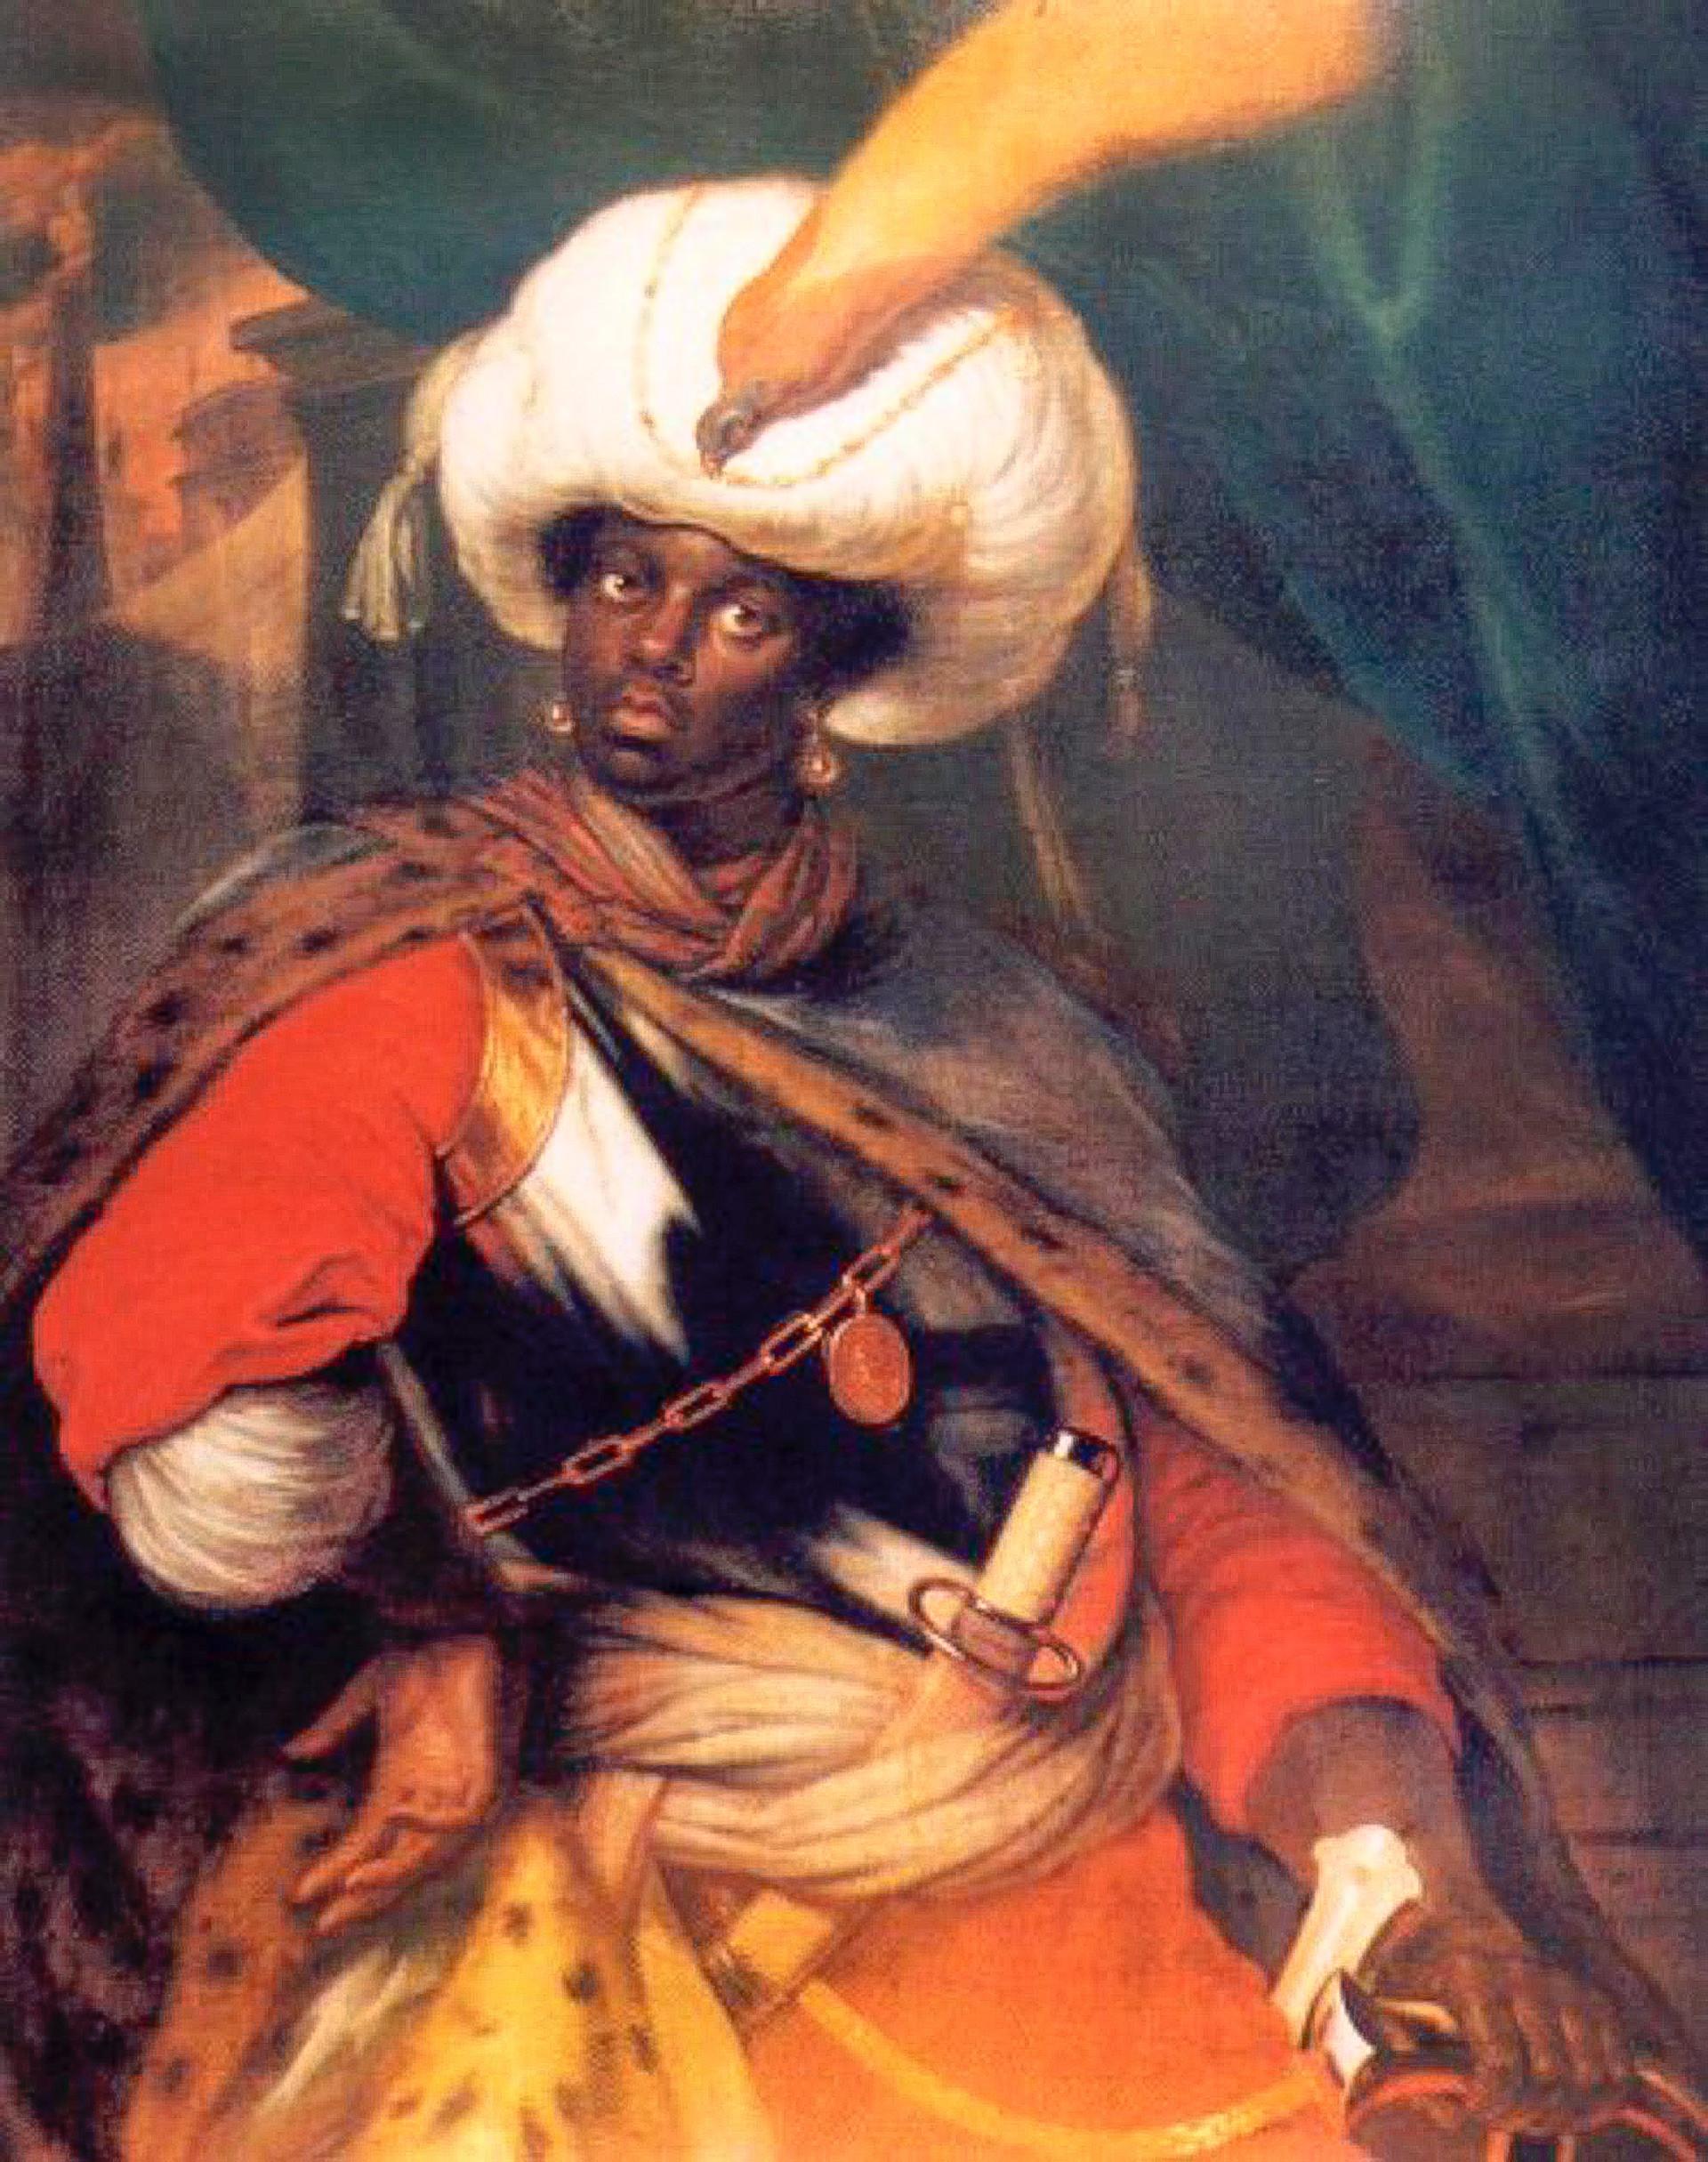 Сматра се да је ово портрет младог Ибрахима Ханибала.